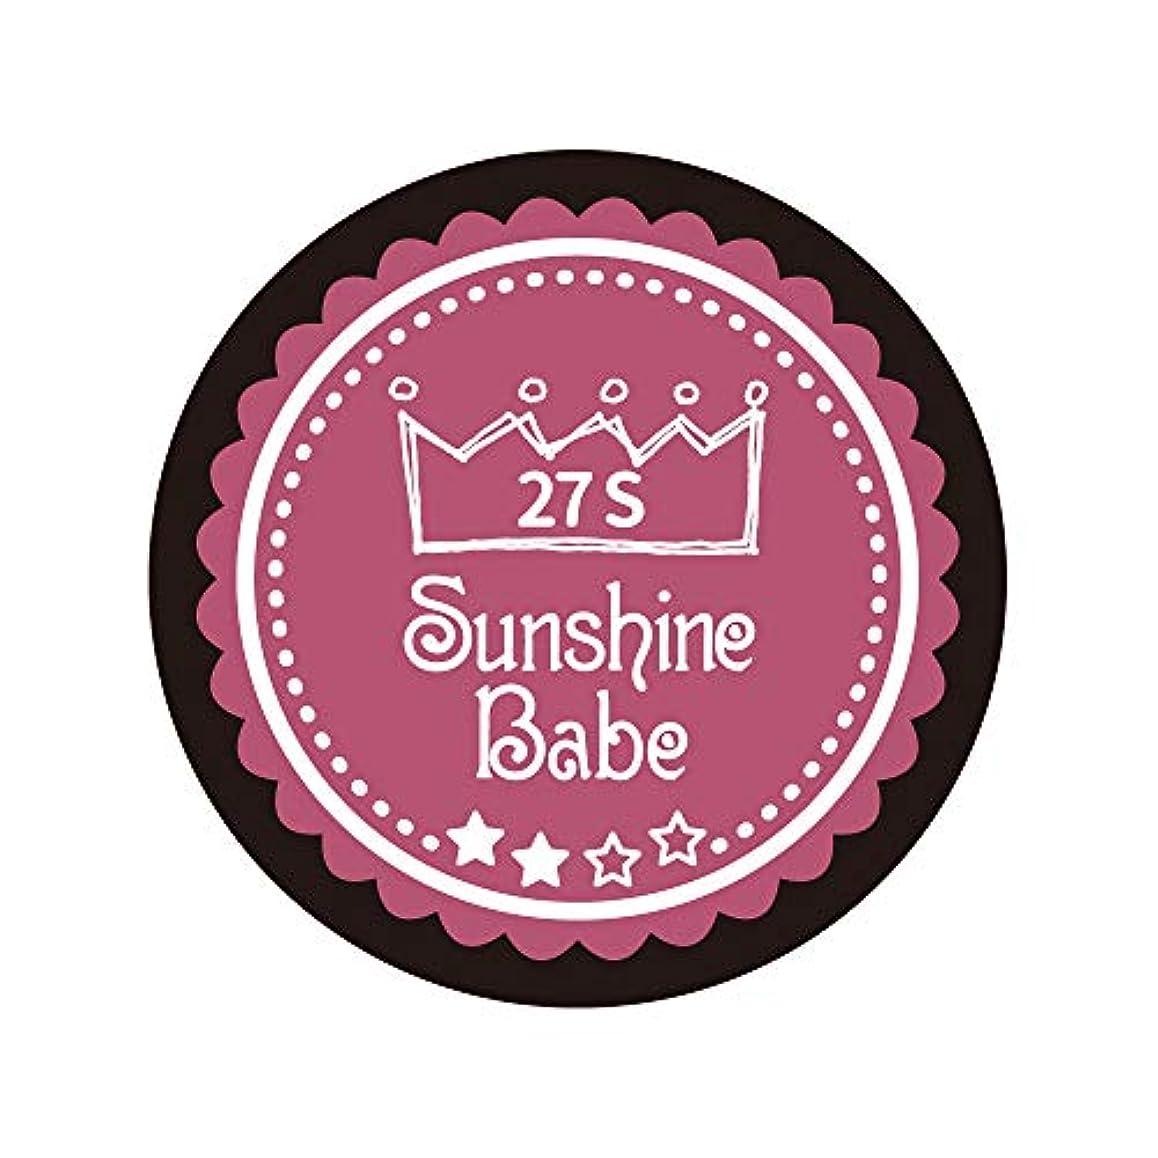 エンティティ雄弁な断線Sunshine Babe カラージェル 27S プアゾン 2.7g UV/LED対応